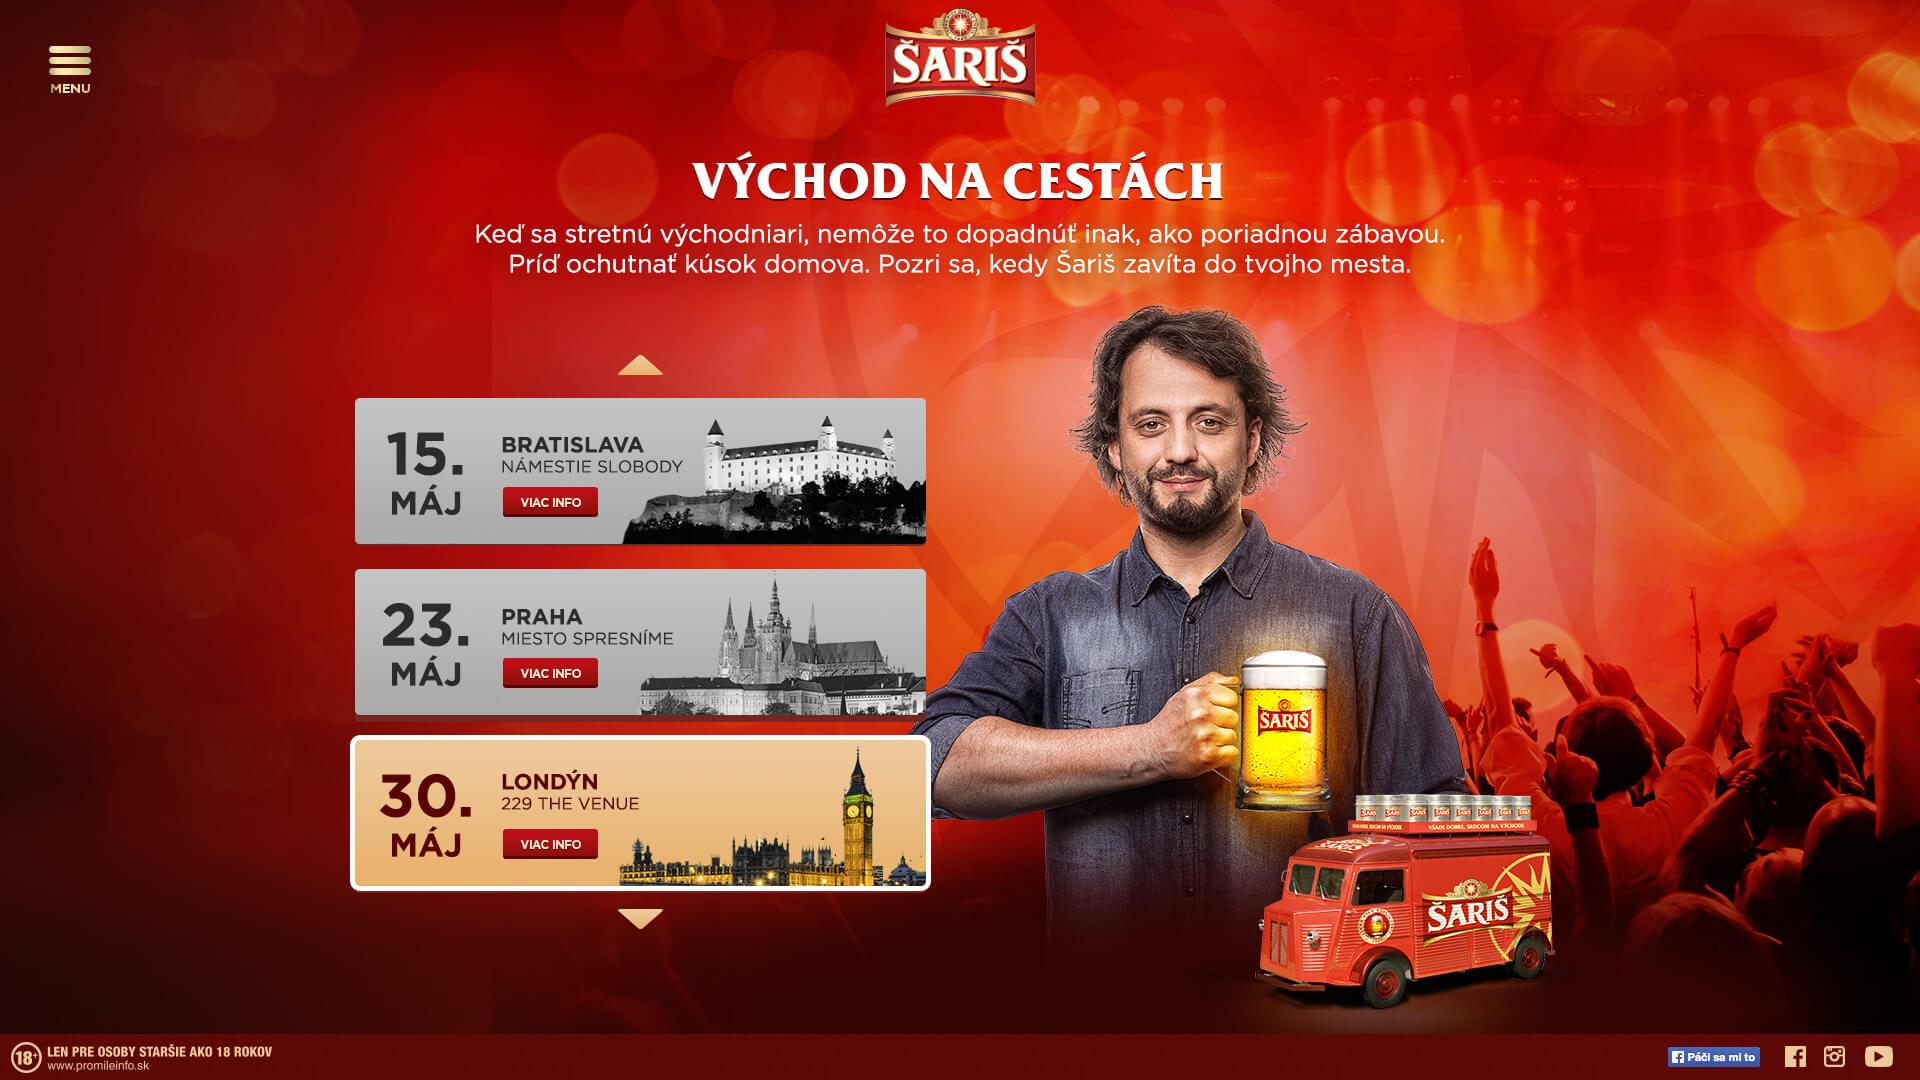 saris event screen